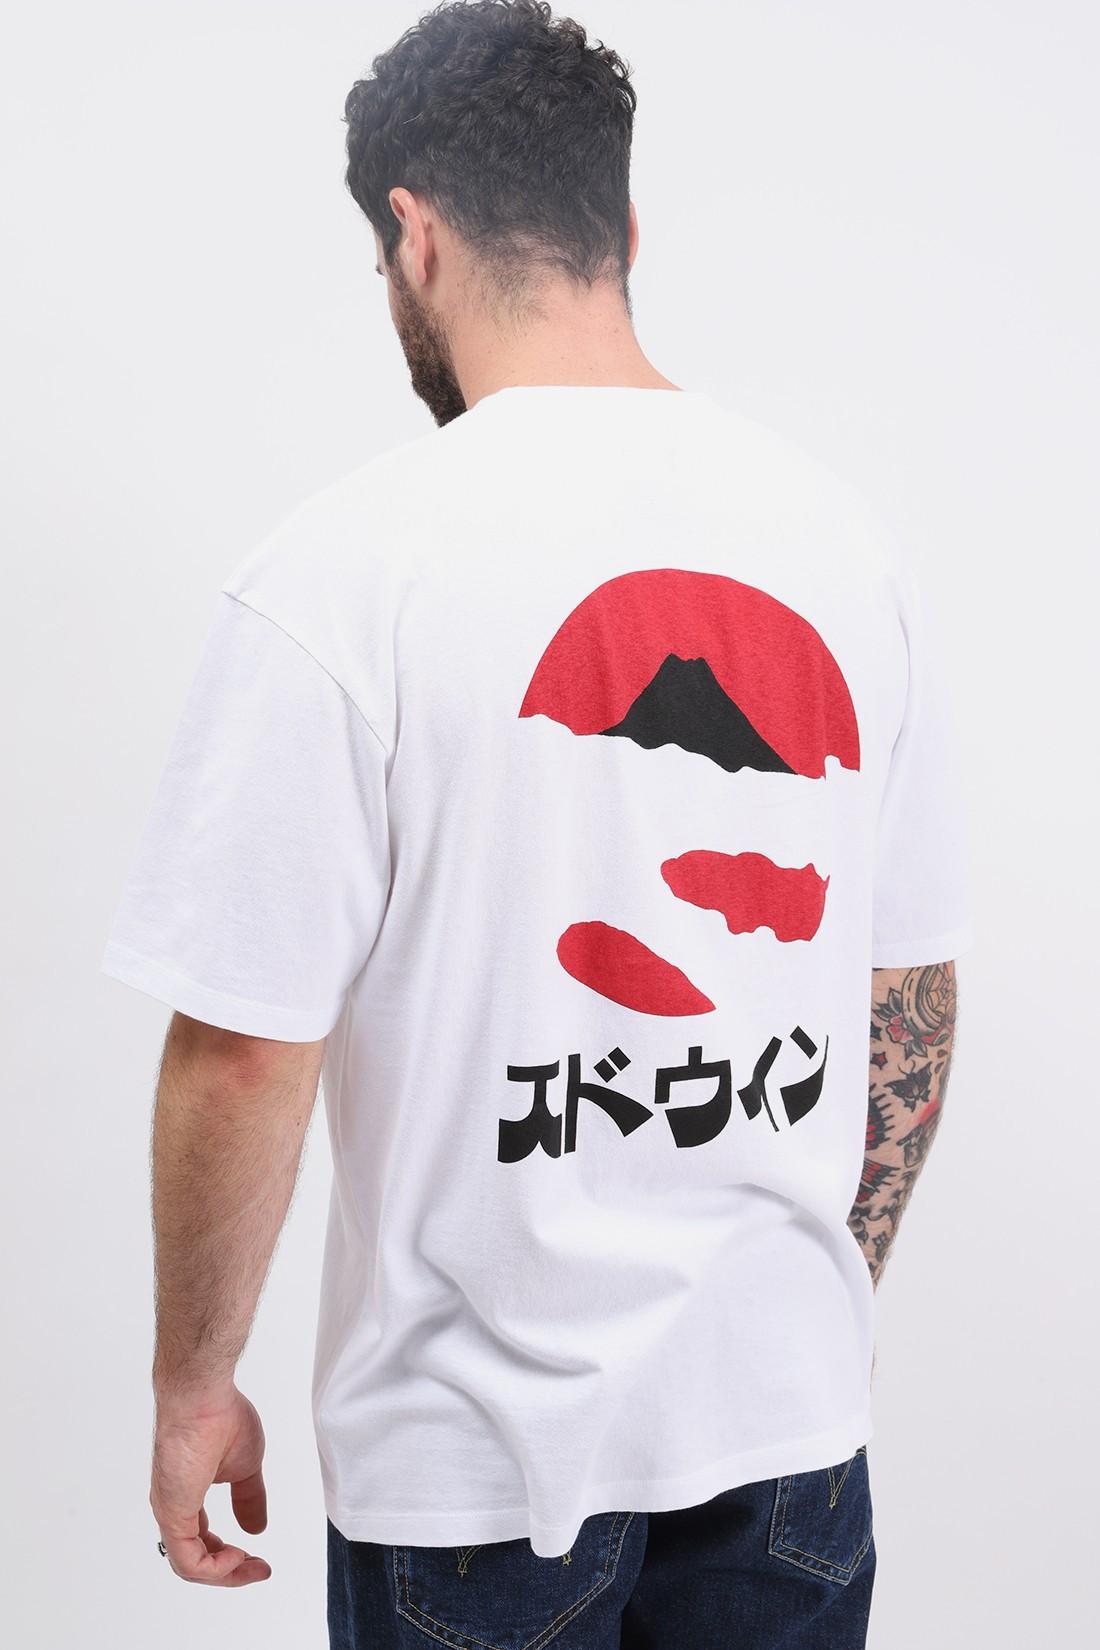 EDWIN / Kamifuji tee shirt White